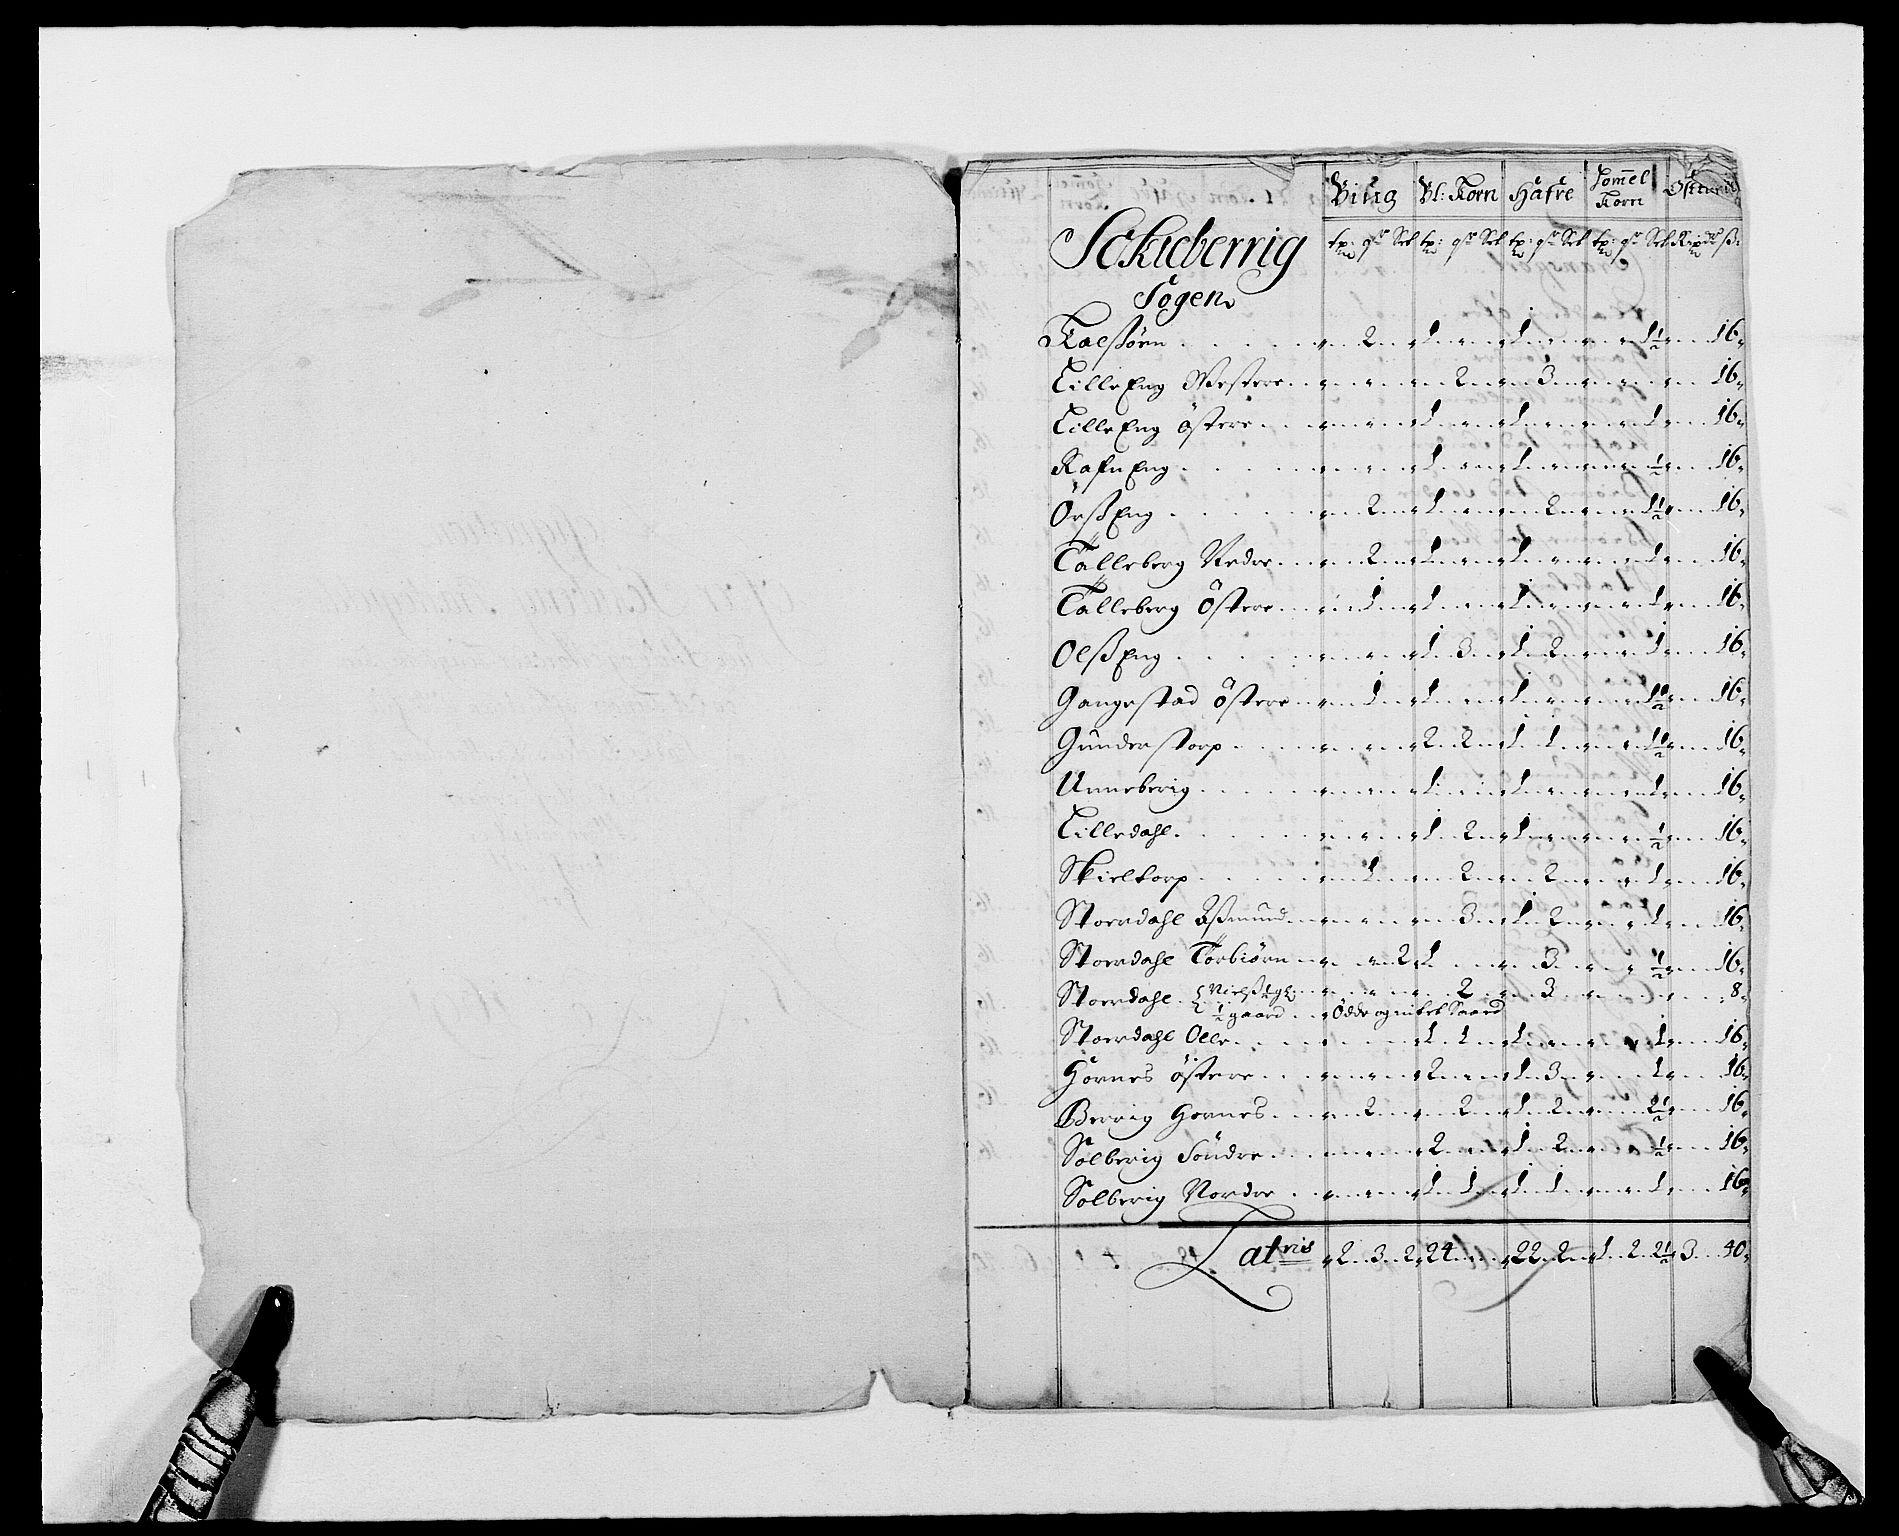 RA, Rentekammeret inntil 1814, Reviderte regnskaper, Fogderegnskap, R01/L0010: Fogderegnskap Idd og Marker, 1690-1691, p. 419